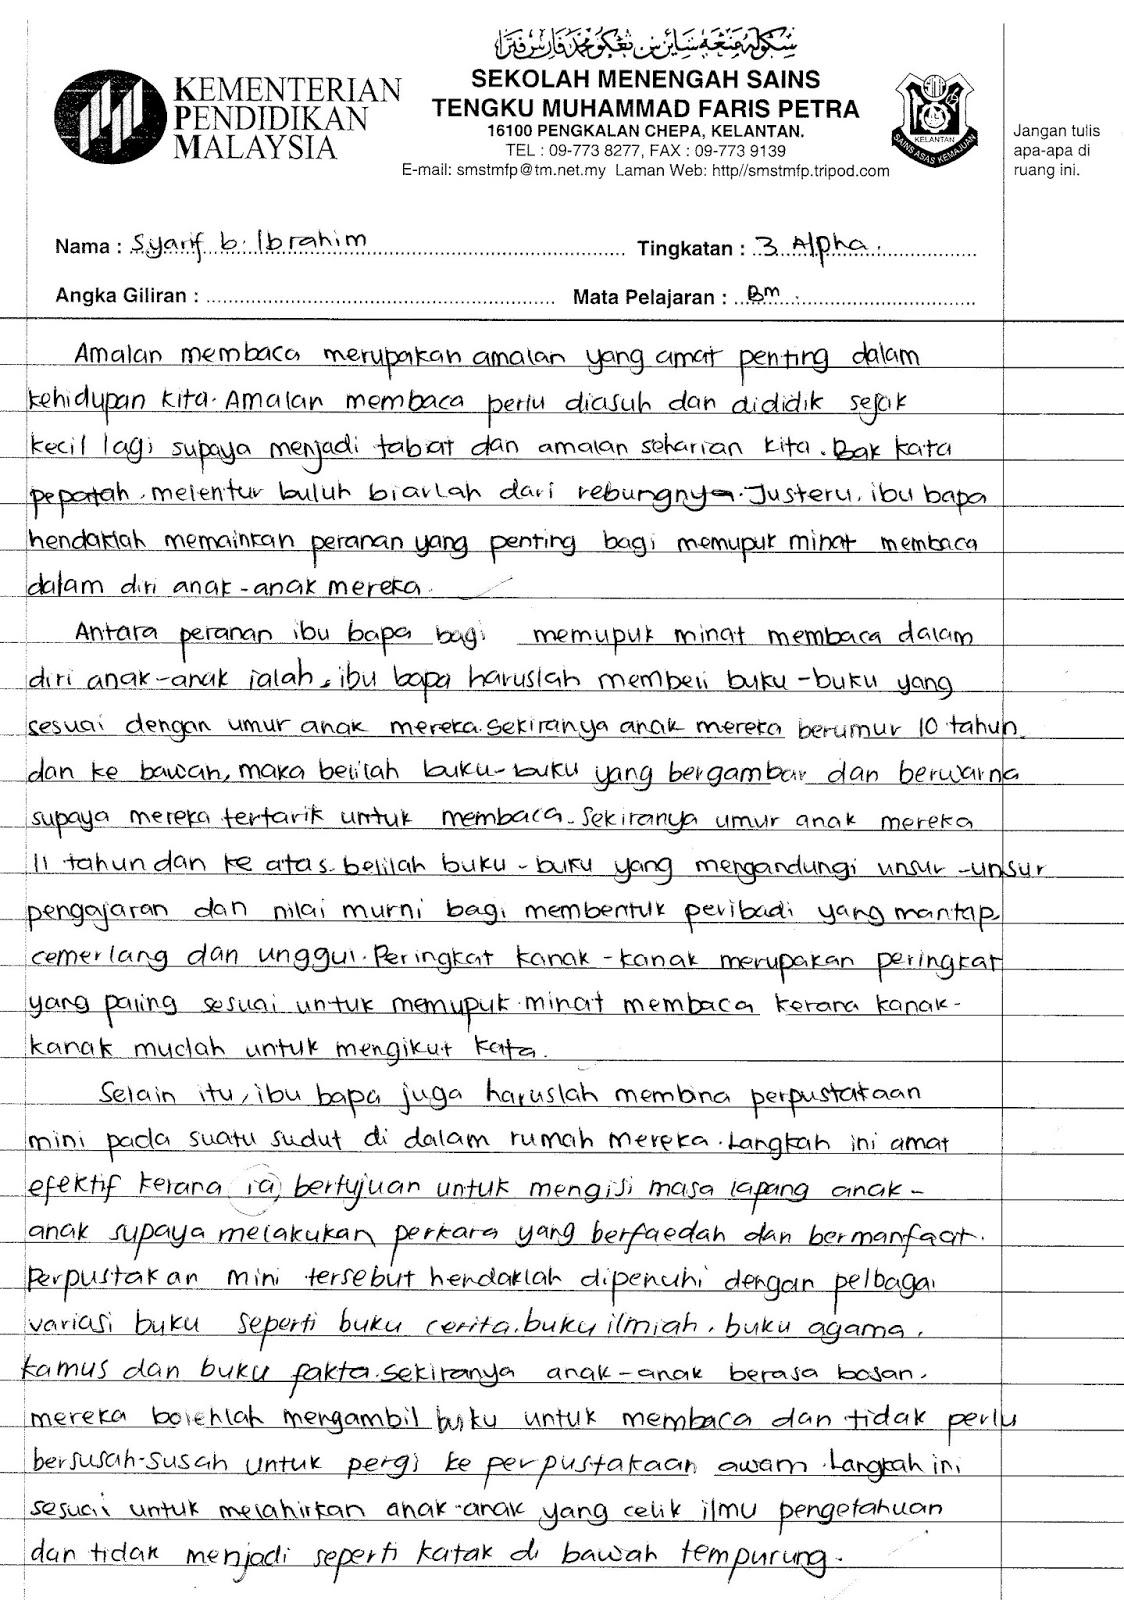 Contoh Soalan Lisan Spm Bahasa Melayu - I Soalan